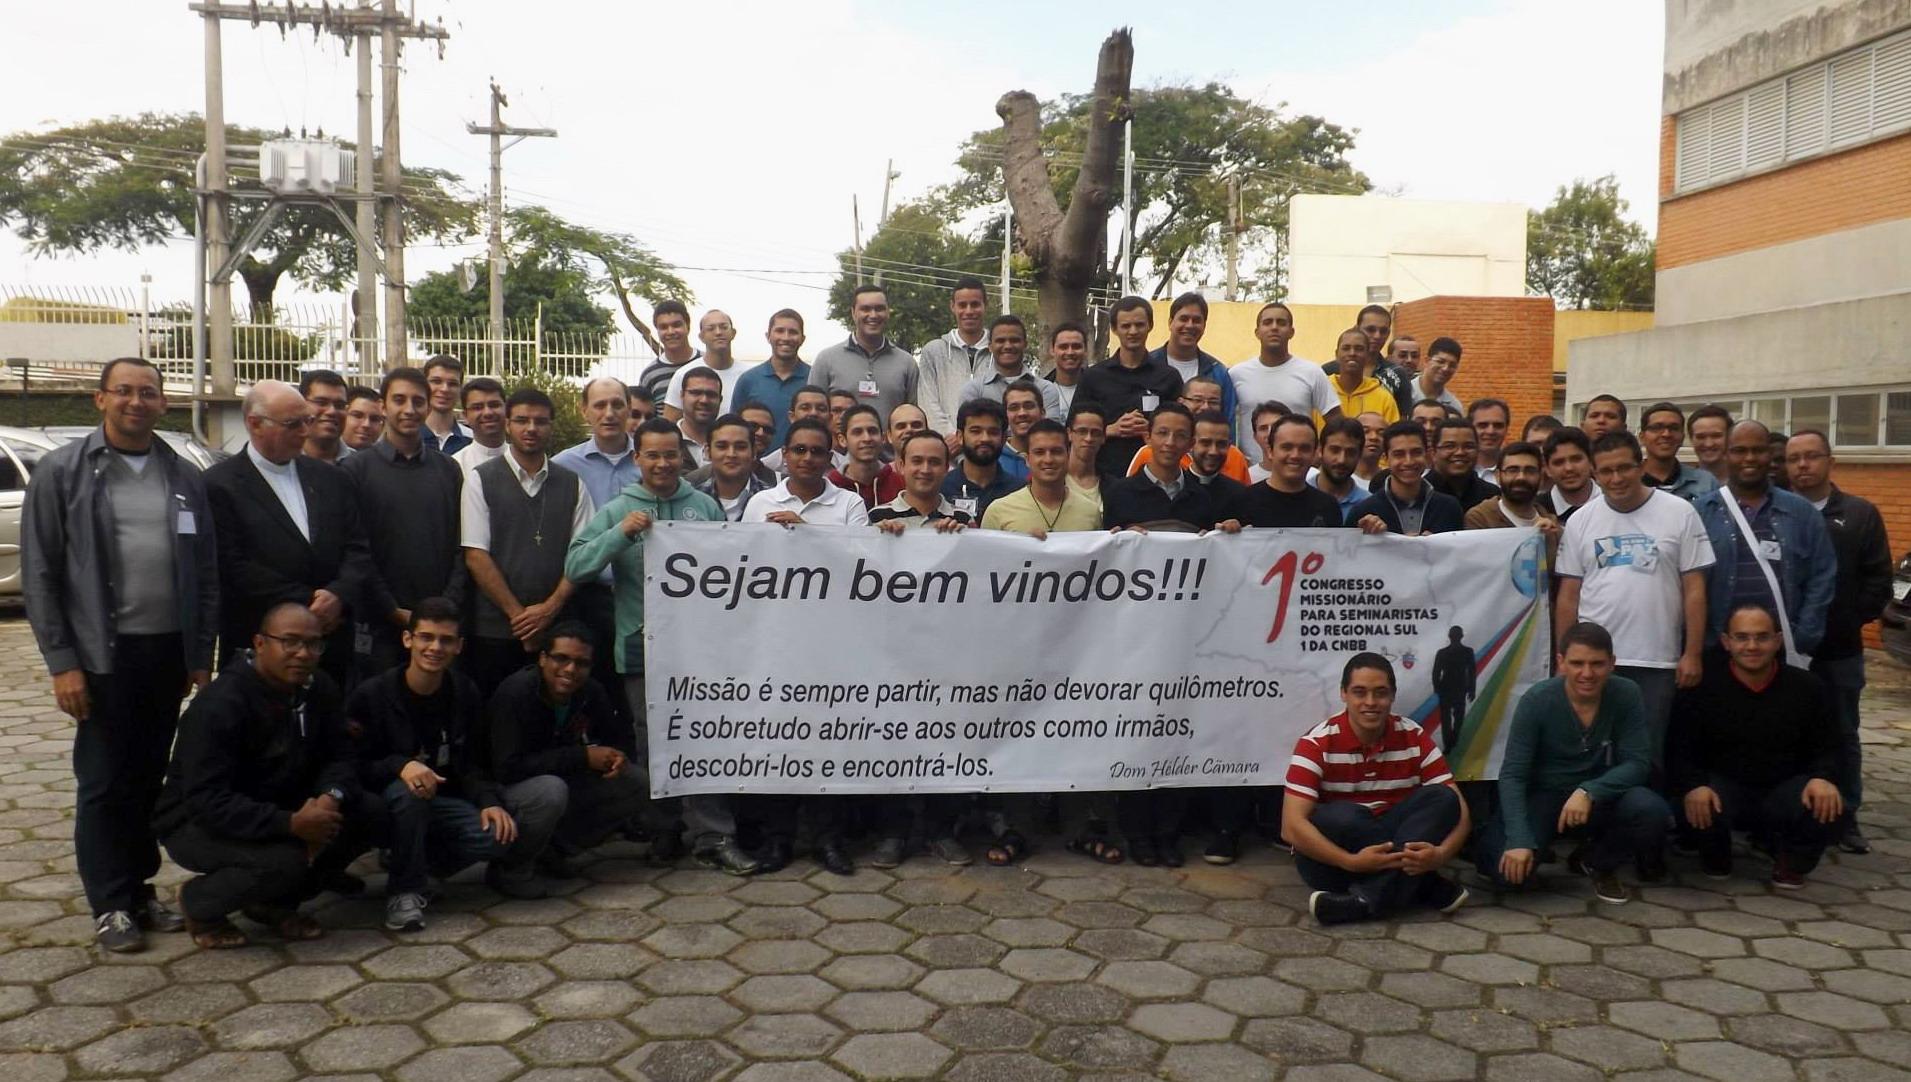 Seminaristas do Estado de São Paulo realizam seu 1º Congresso Missionário